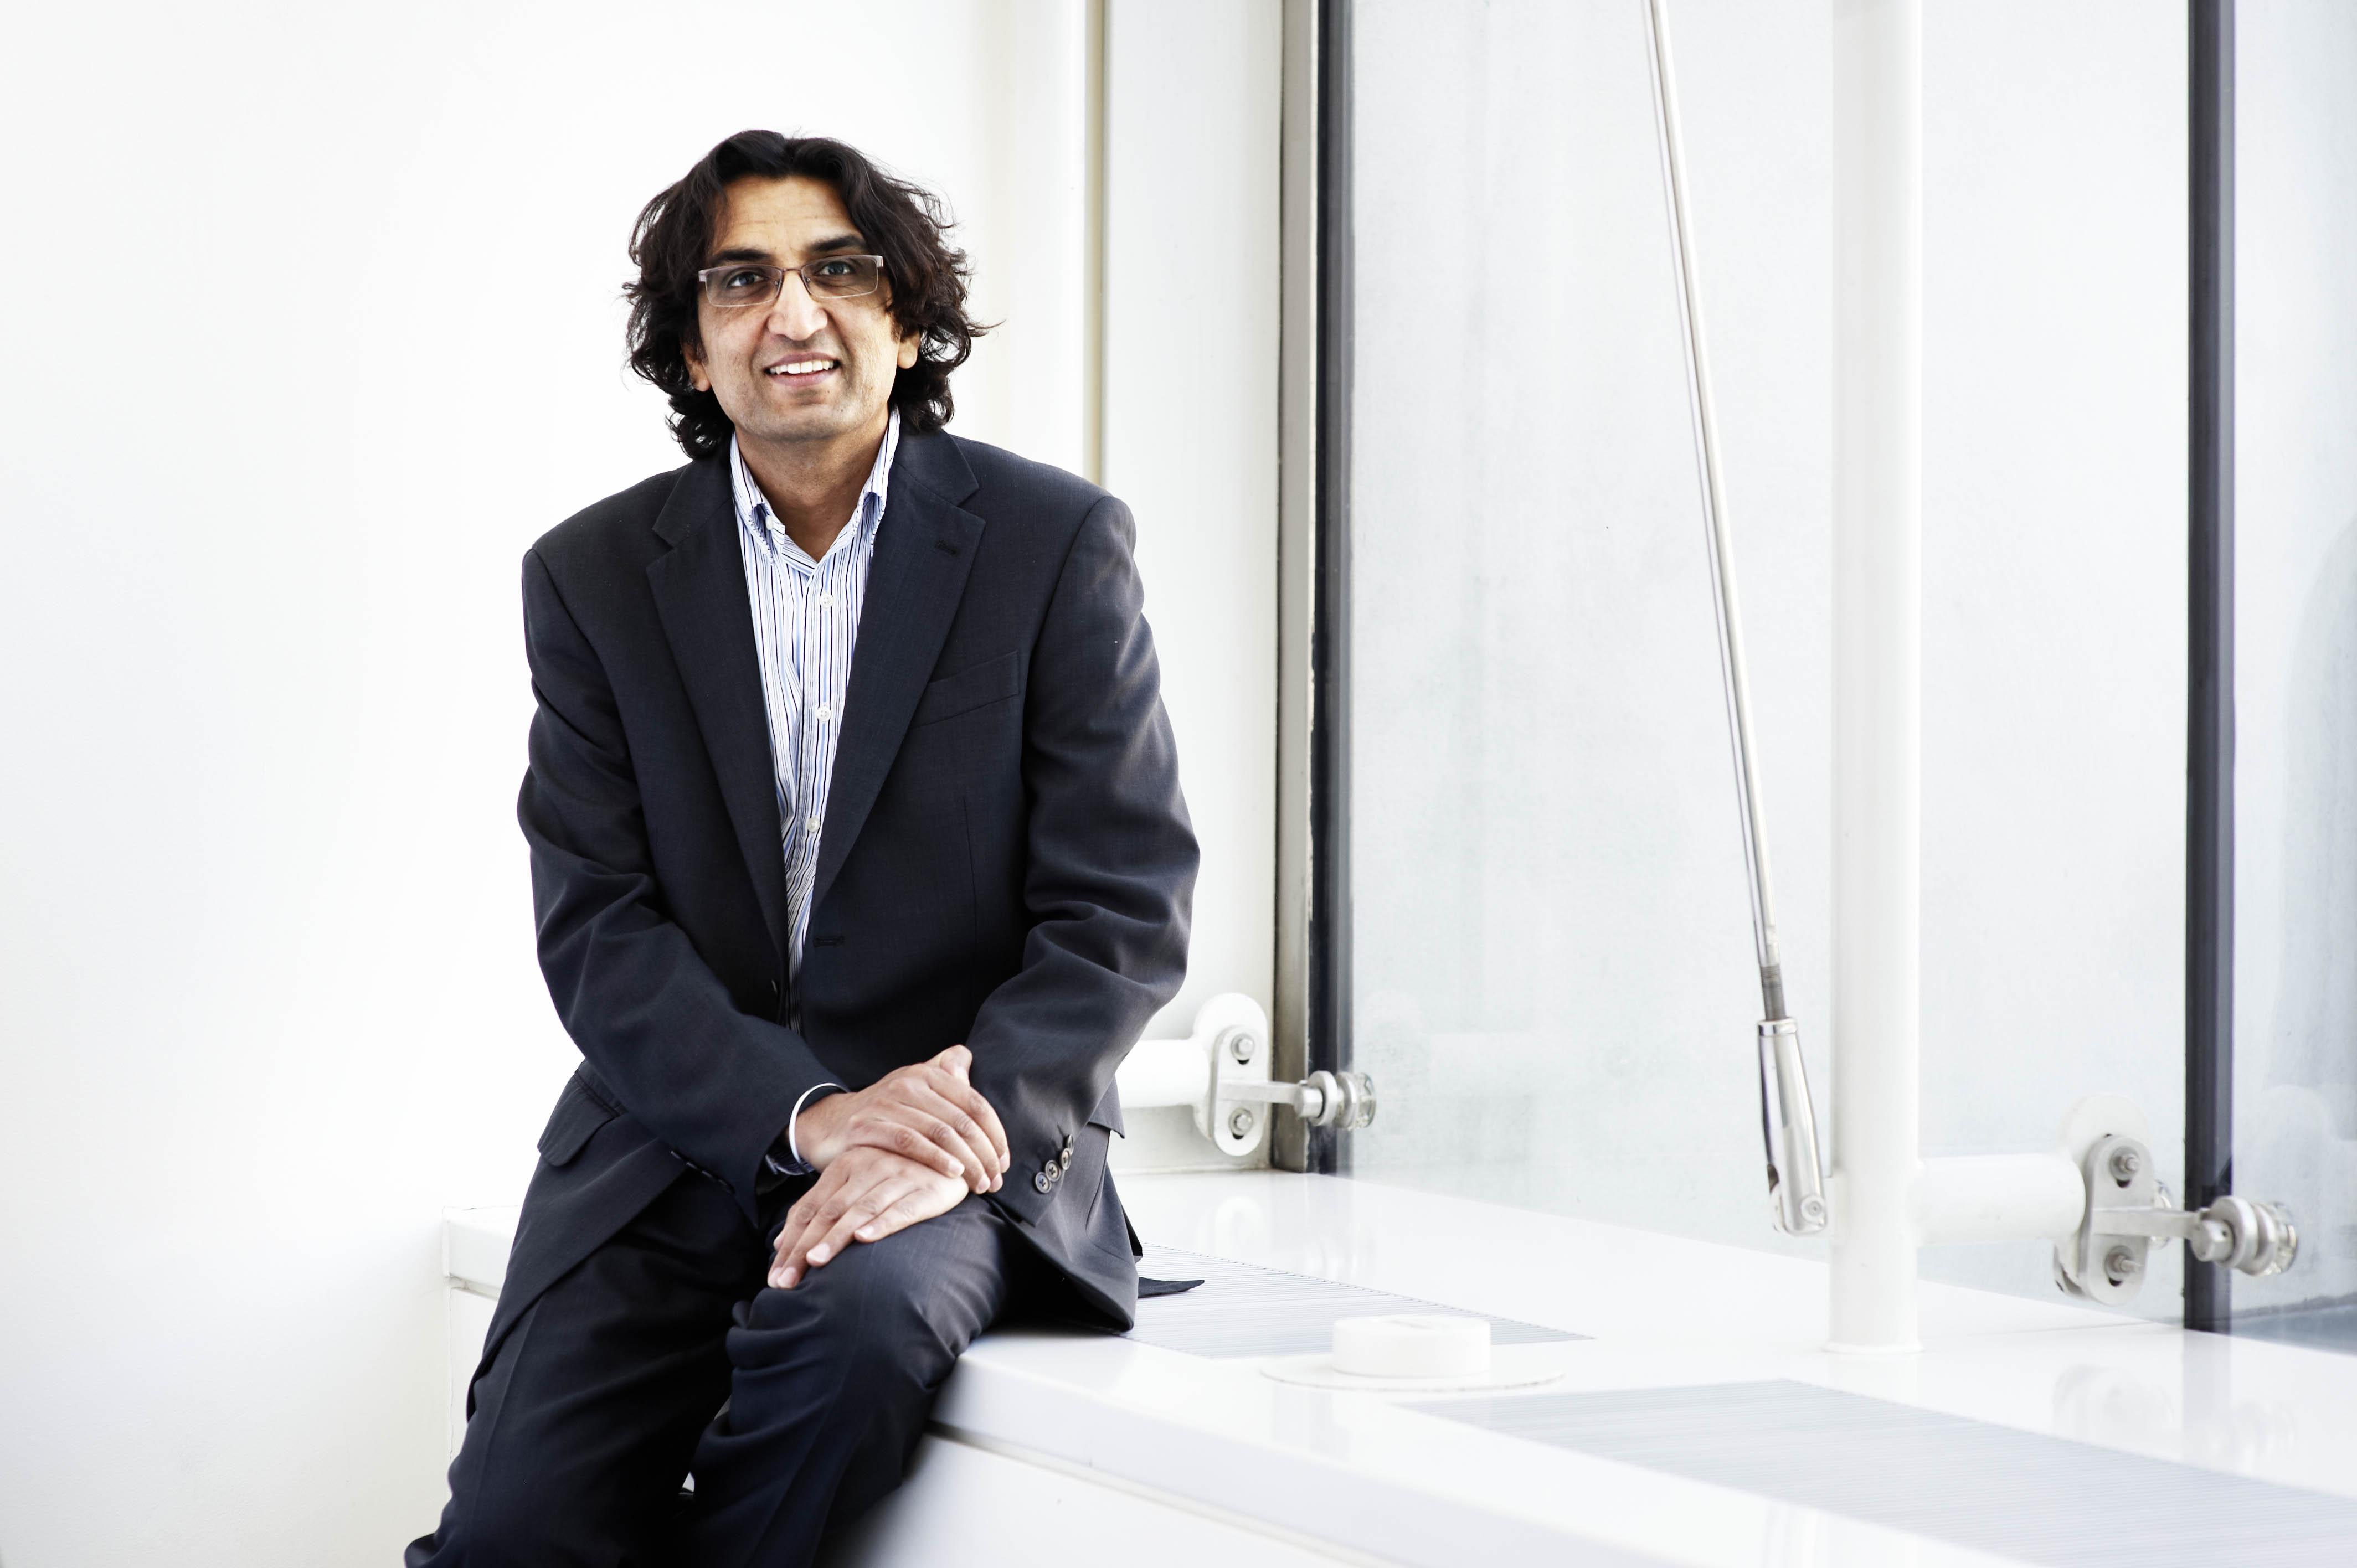 Inder Poonaji, Head of Sustainability at Nestlé UK & Ireland,